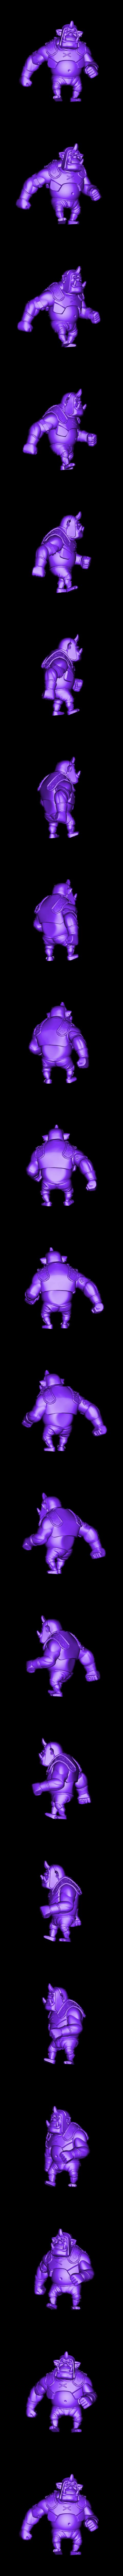 A_Orc_Fullbody.OBJ Download free OBJ file Alchemist Orc • 3D printer design, Dynastinae